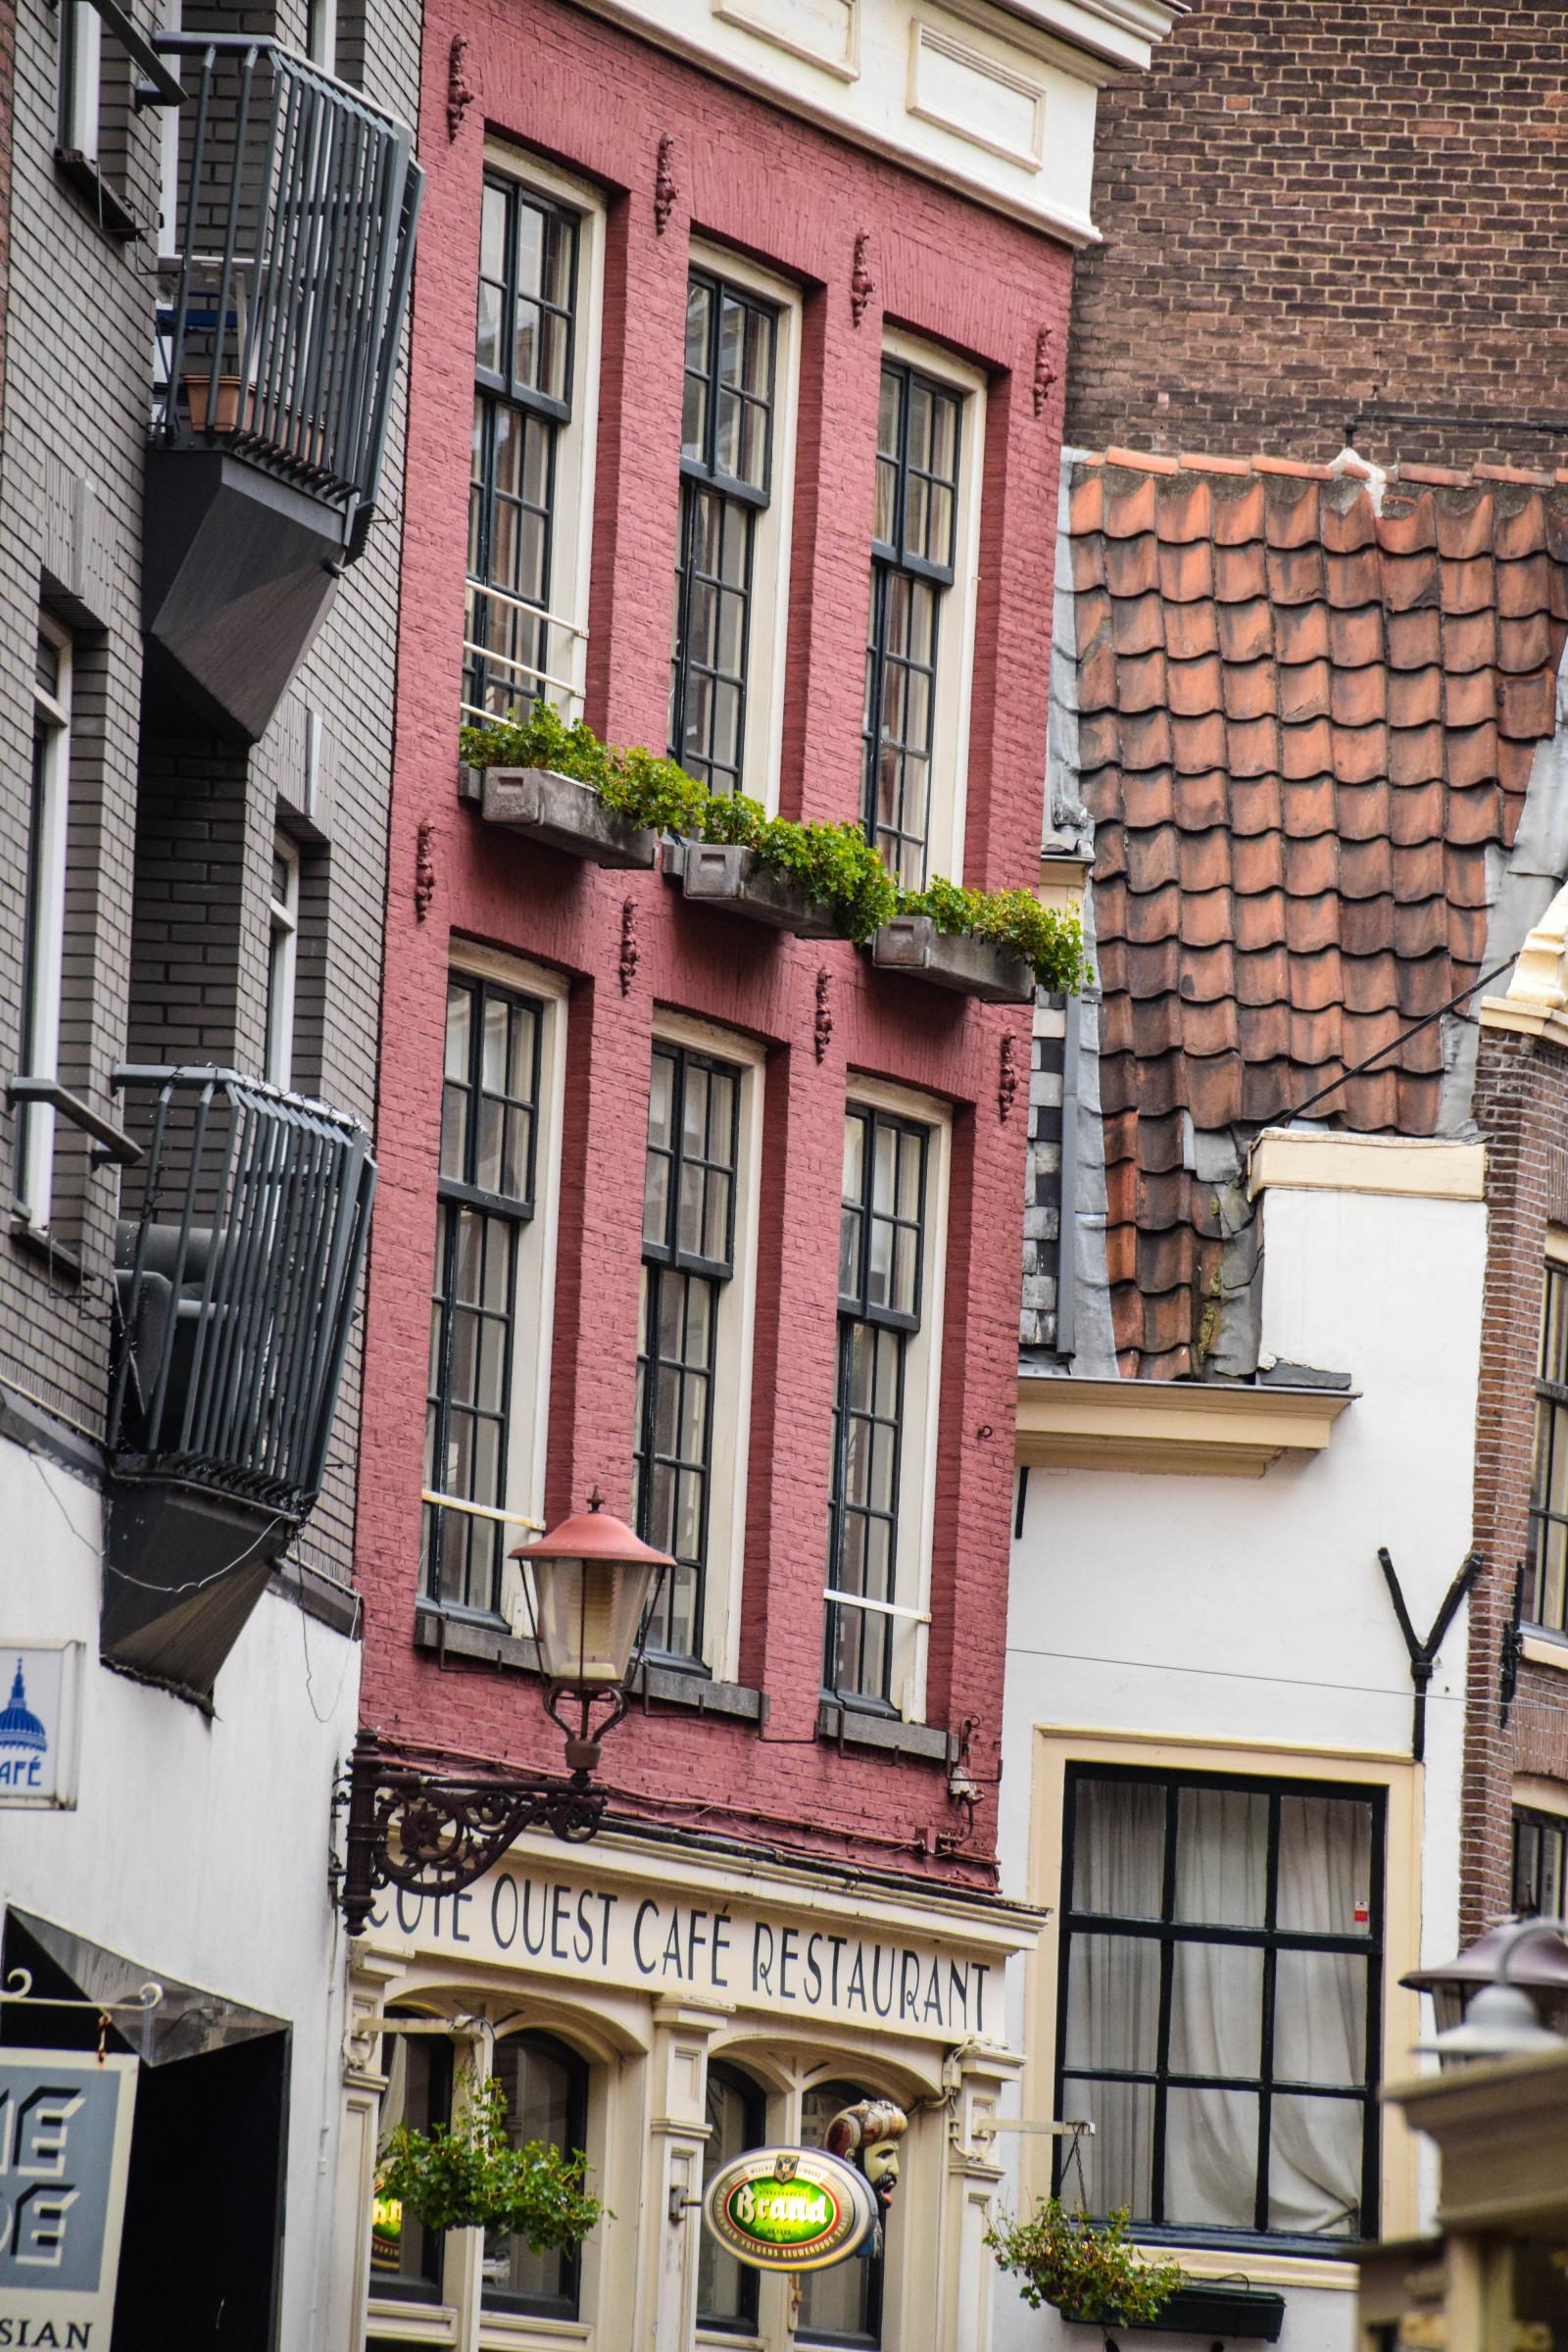 hintergrundbilder menschen fenster stadt stra e die architektur geb ude haus balkon. Black Bedroom Furniture Sets. Home Design Ideas